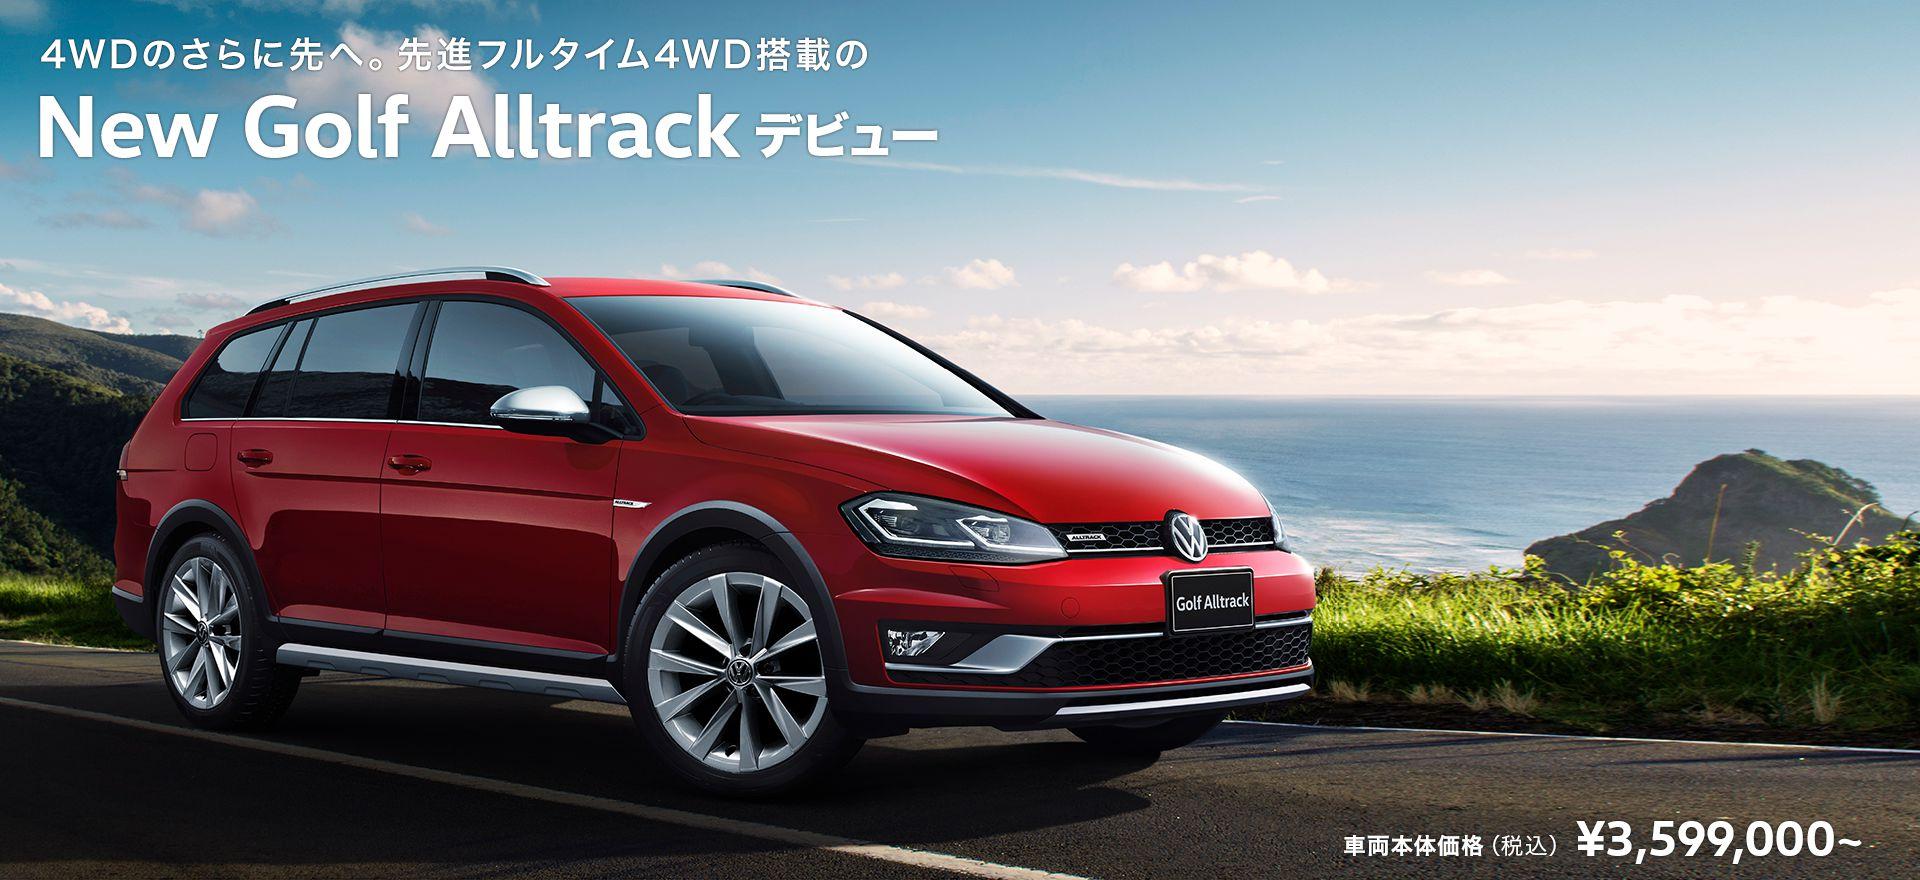 VW新型ゴルフ オールトラック2017-2